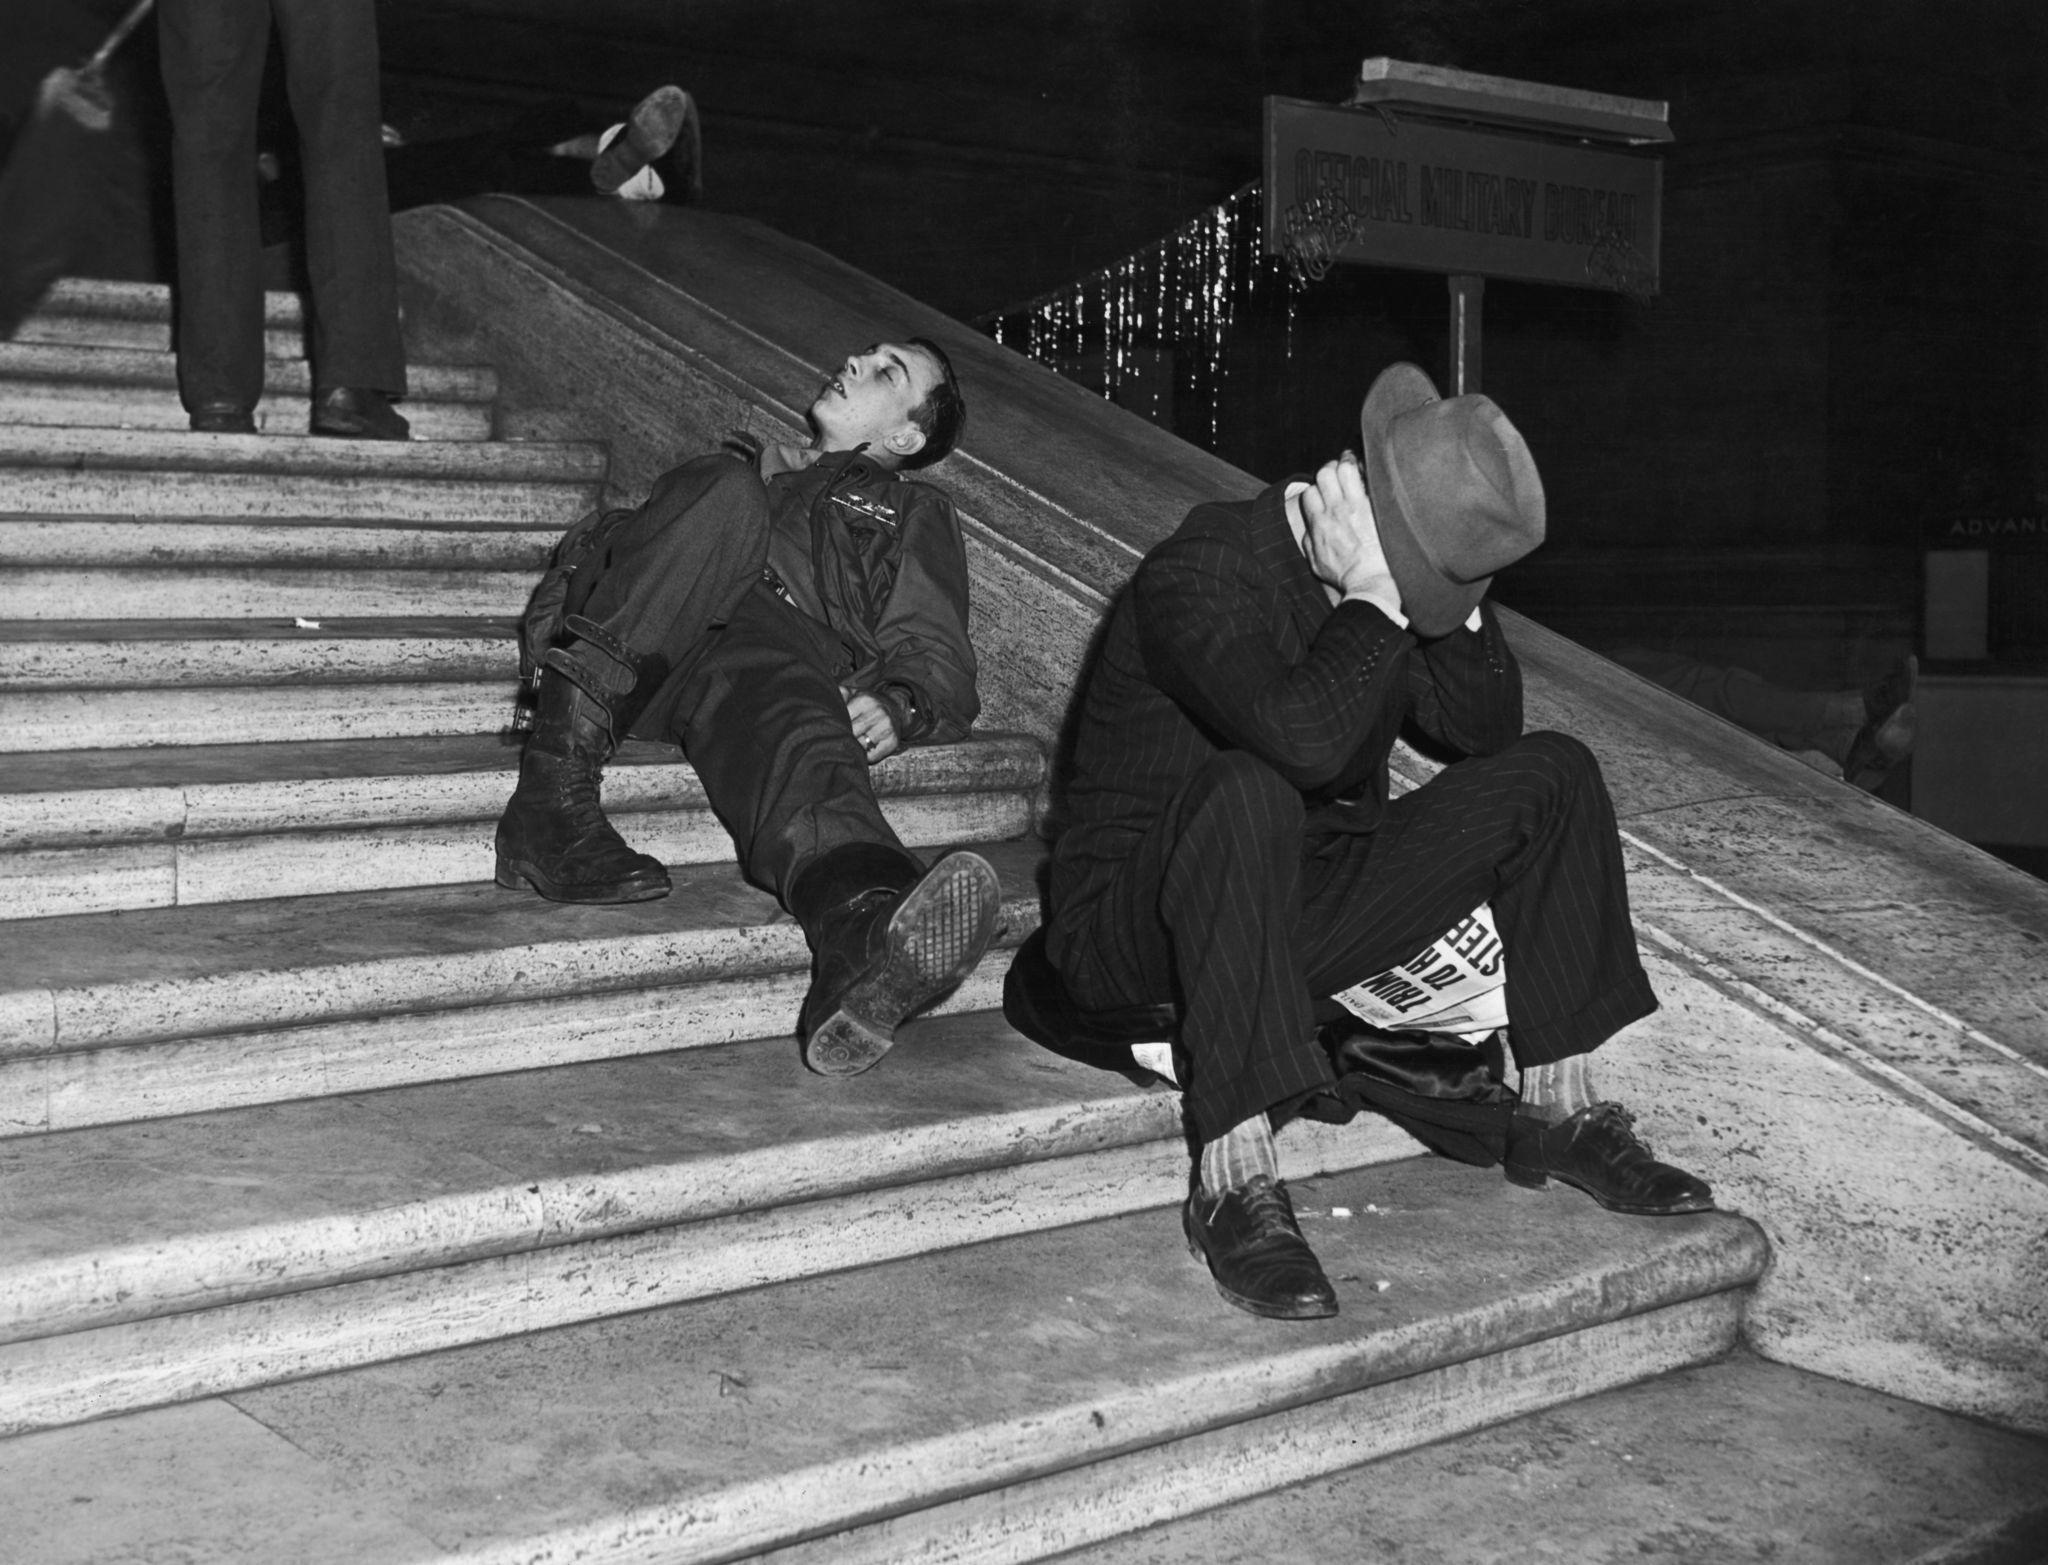 1940. Гуляки восстанавливаются после празднования Нового года на ступеньках Центрального вокзала, Нью-Йорк (2).jpg